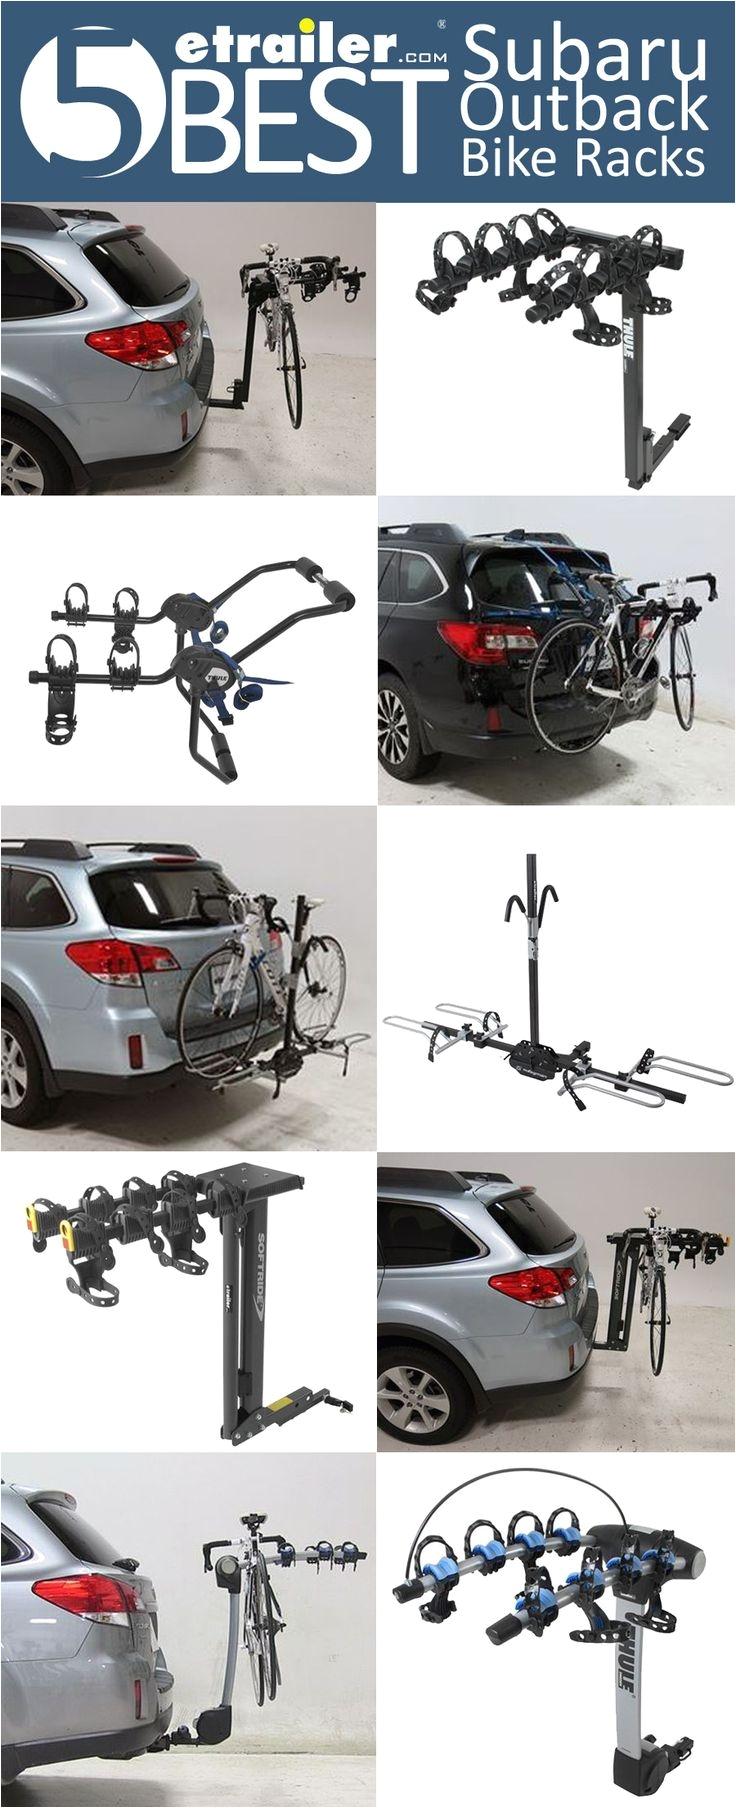 5 best subaru outback wagon bike racks hitch and hatch bike racks for your outback